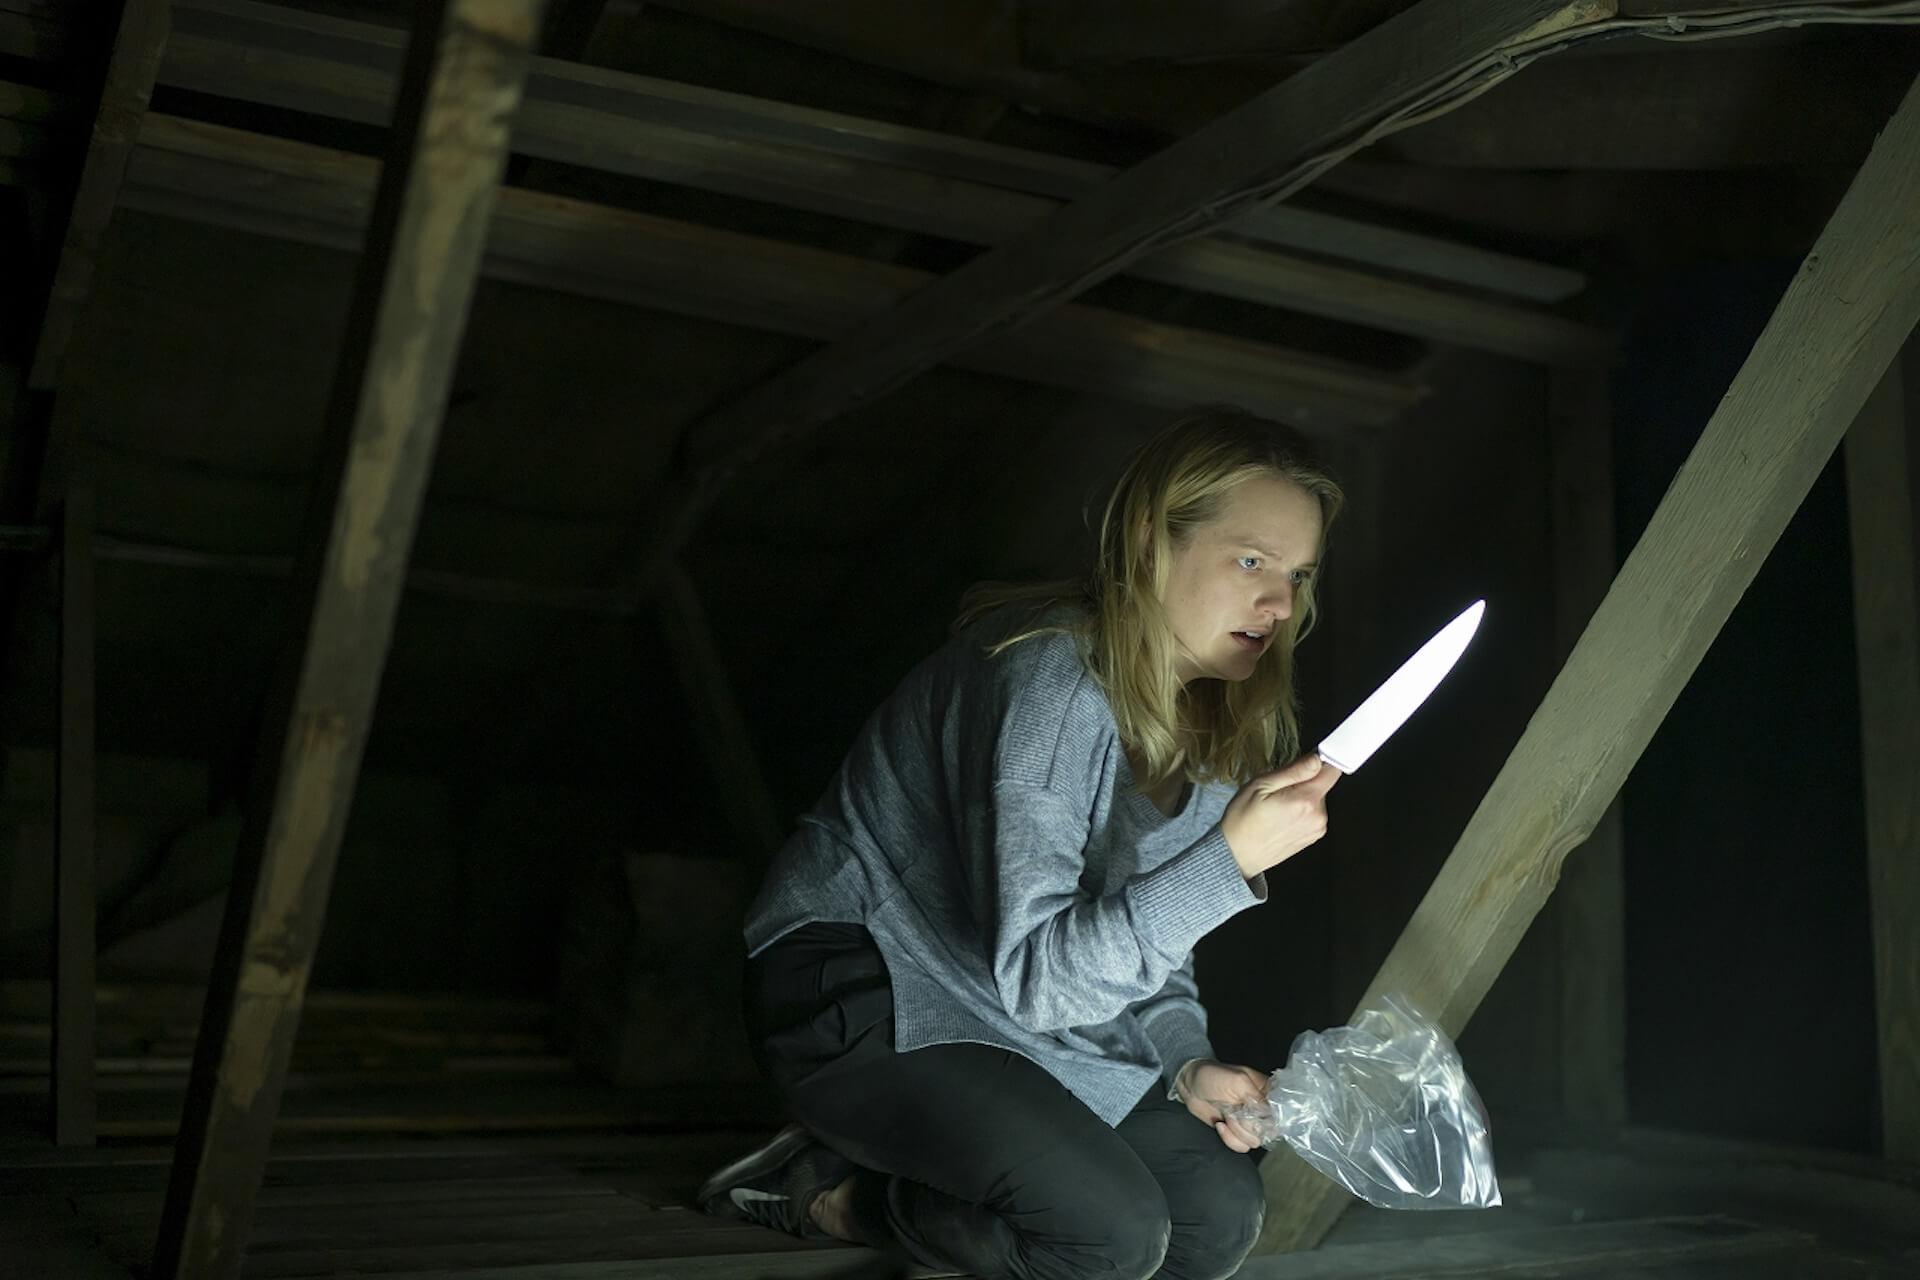 ついに透明人間が襲い来る...『透明人間』エリザベス・モス演じる主人公が見えない恐怖と闘う本編映像が解禁! film200713_invisibleman_4